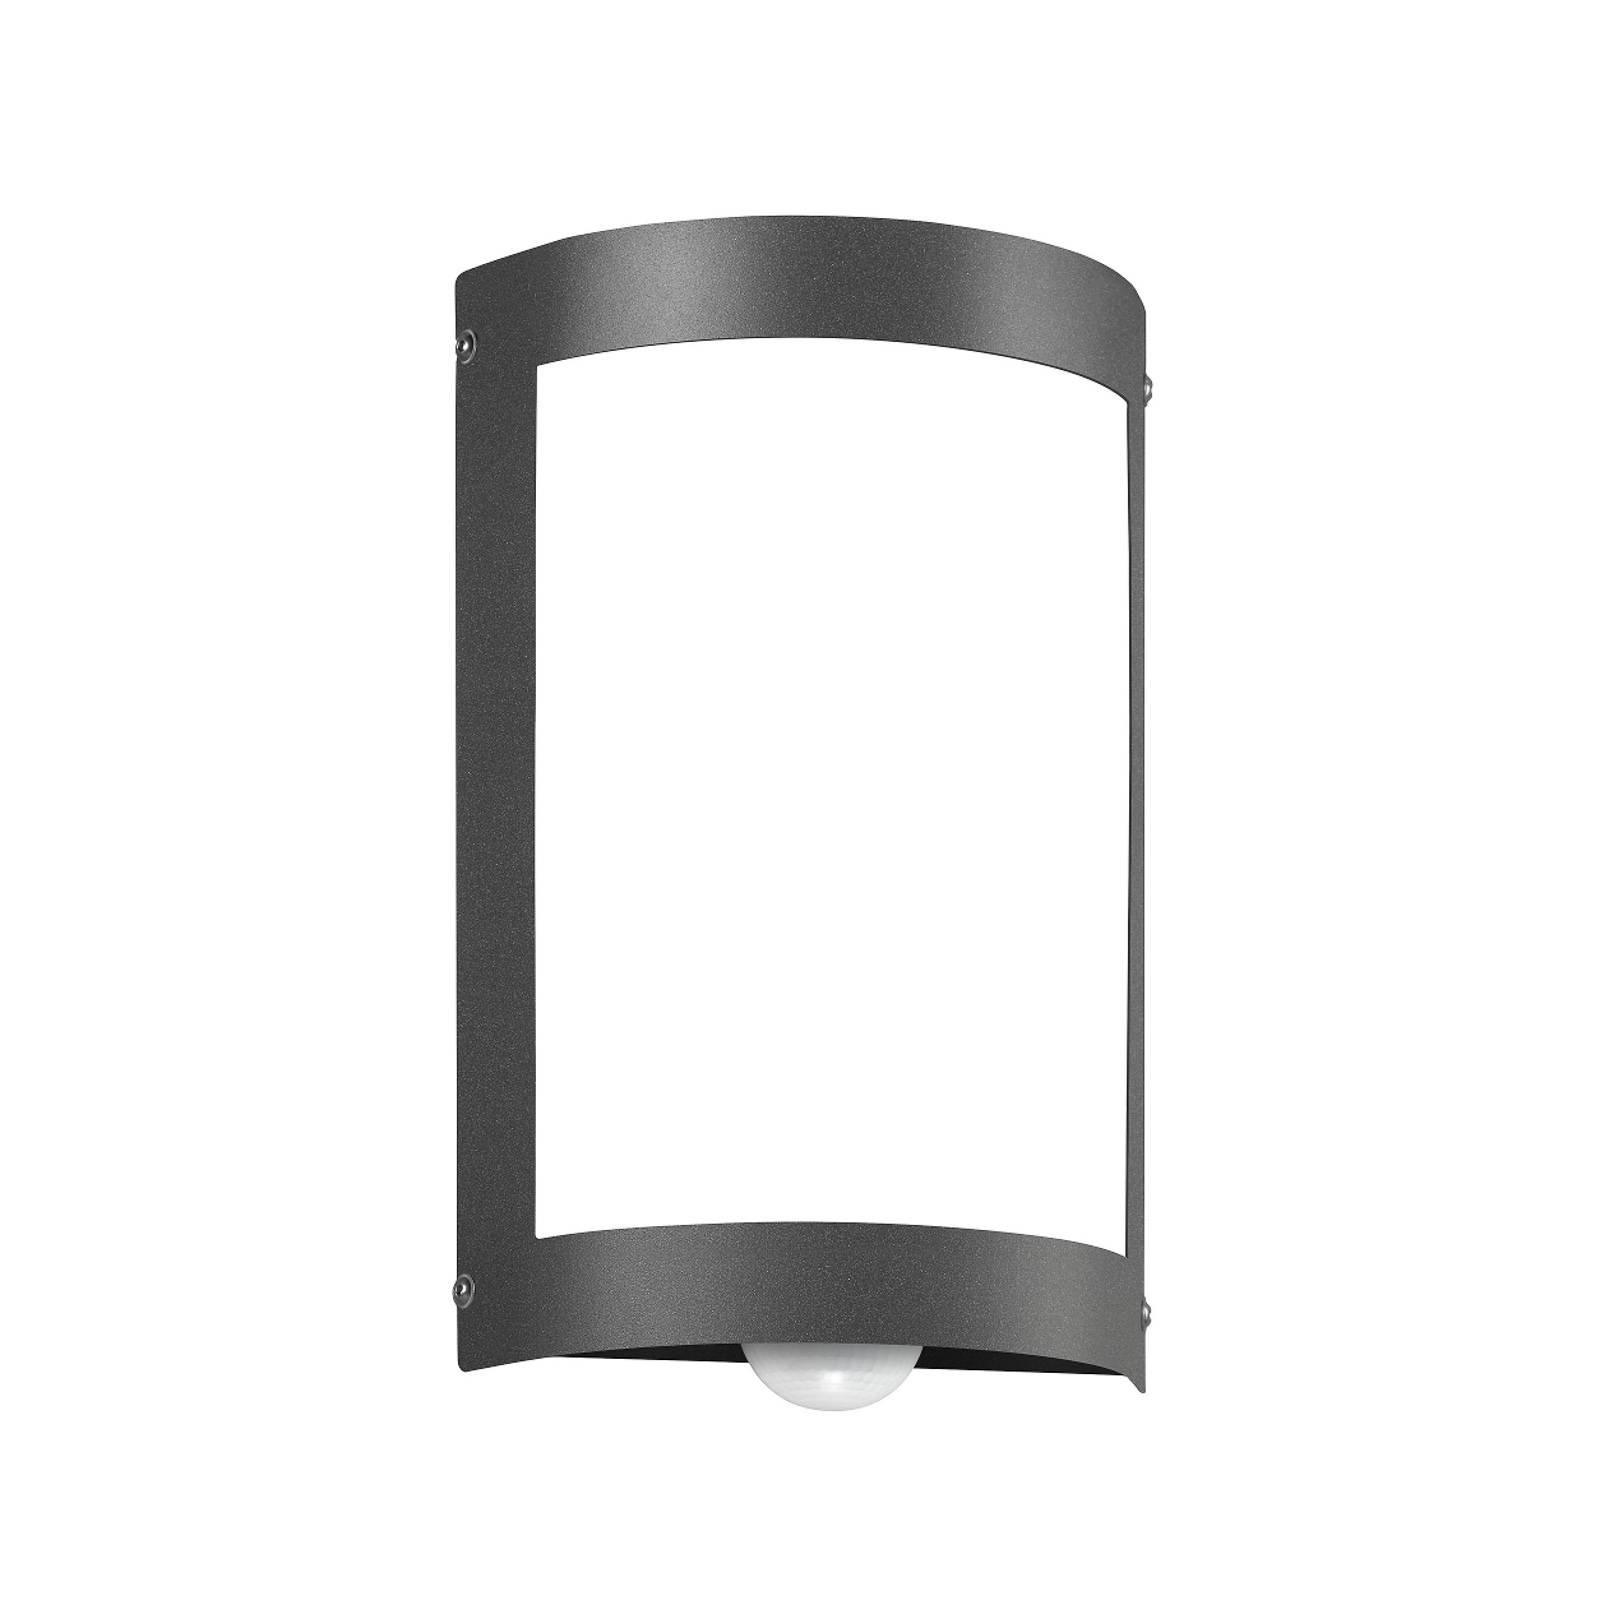 Sensor-utelampe Aqua Marco uten gitter, antrasitt